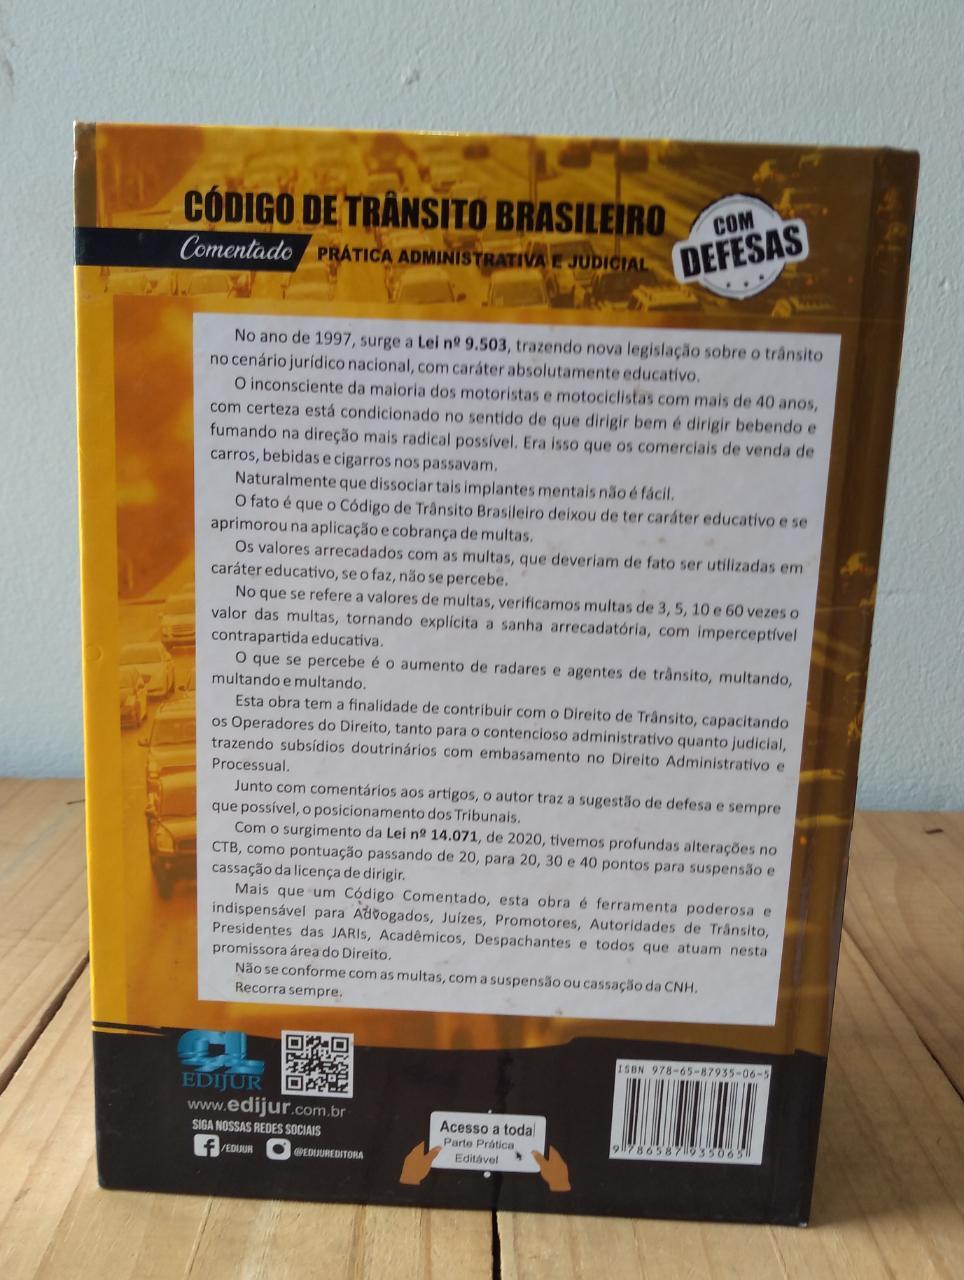 Código de Trânsito Brasileiro Comentado - Prática Administrativa e Judicial - Com Defesas  - Edijur Editora